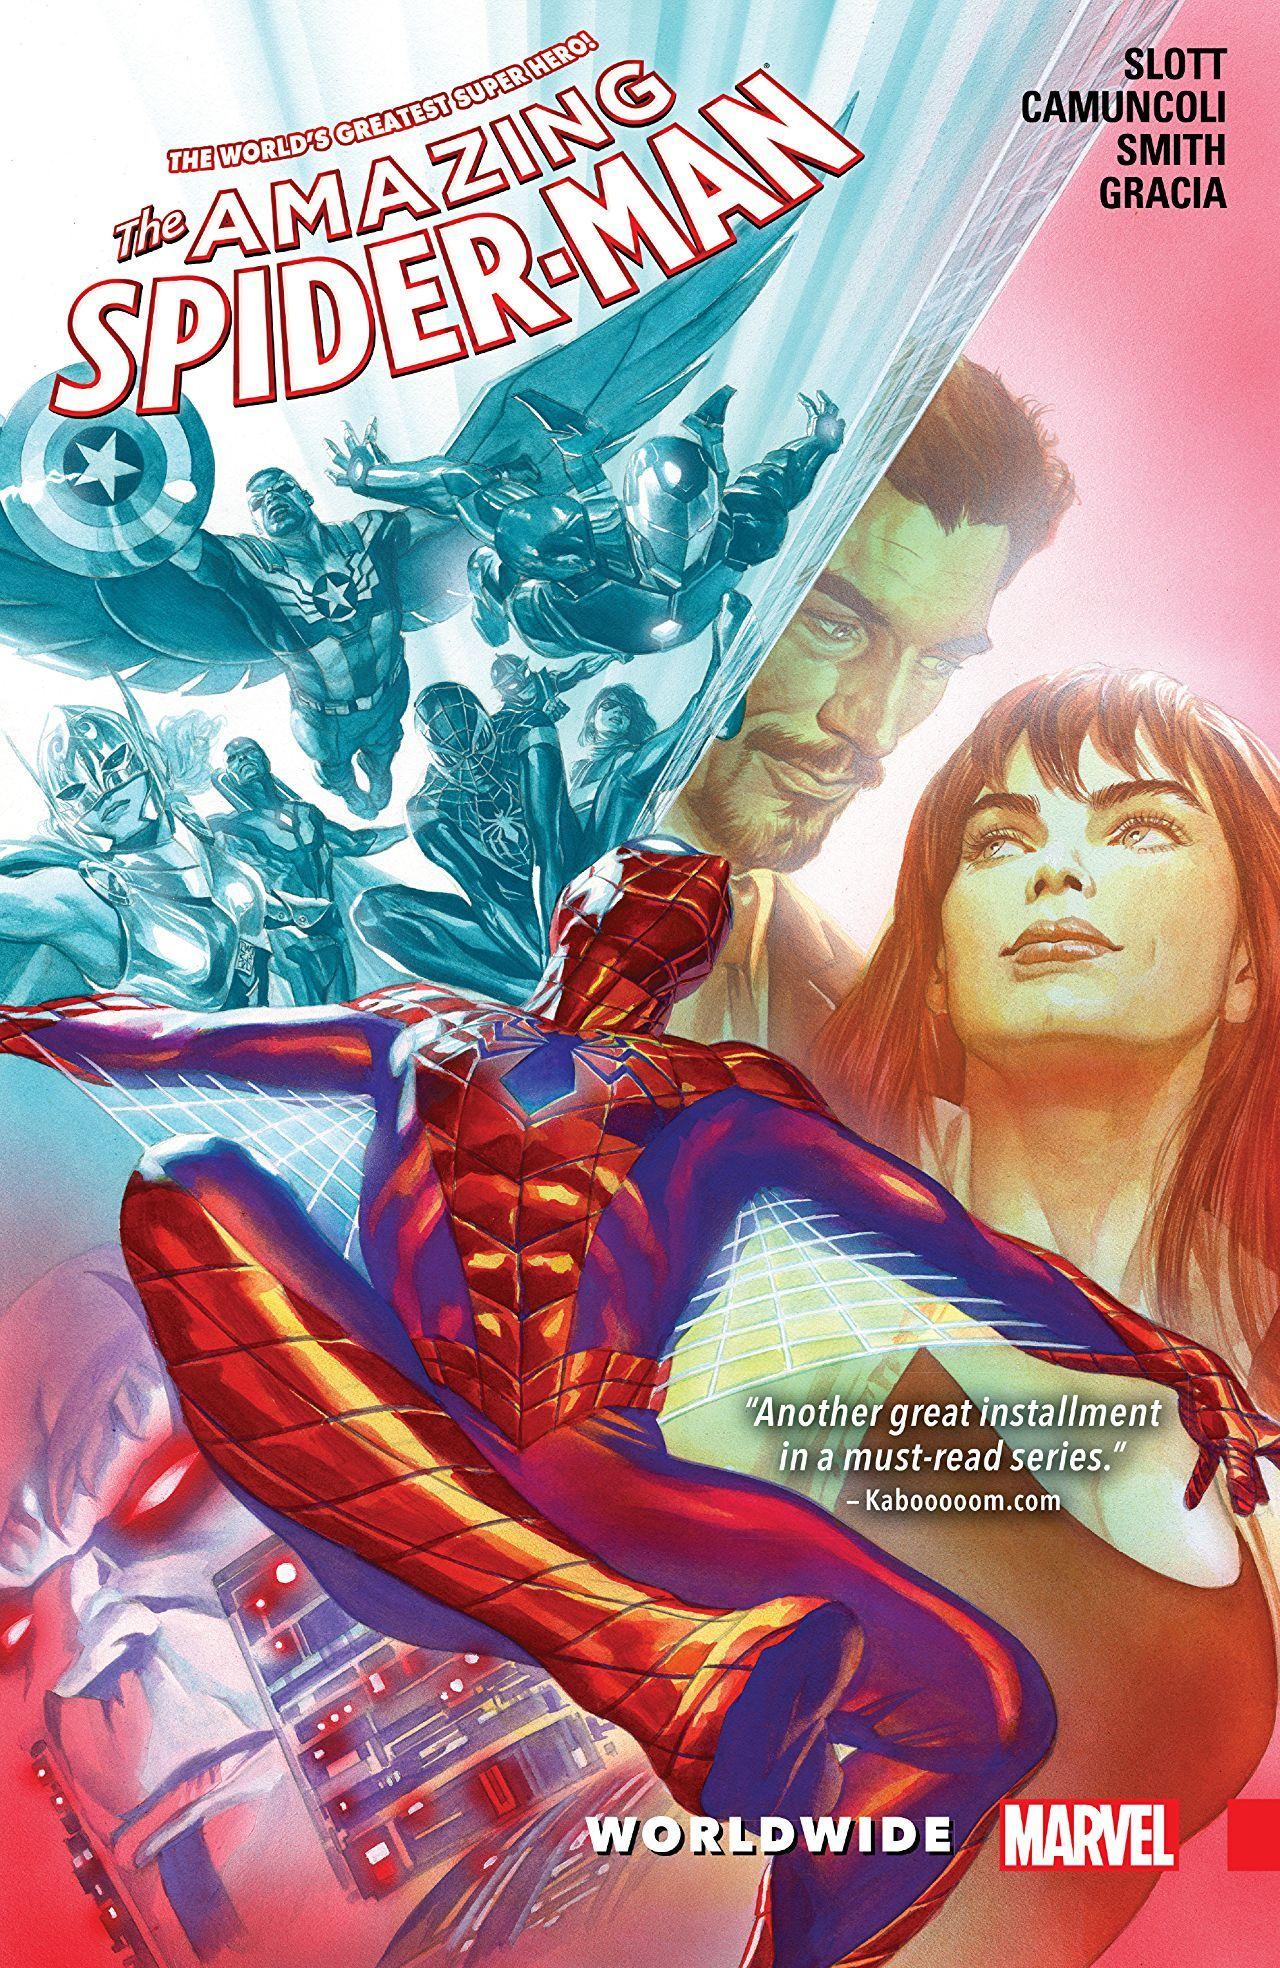 Amazing Spider-Man: Worldwide, Vol. 3